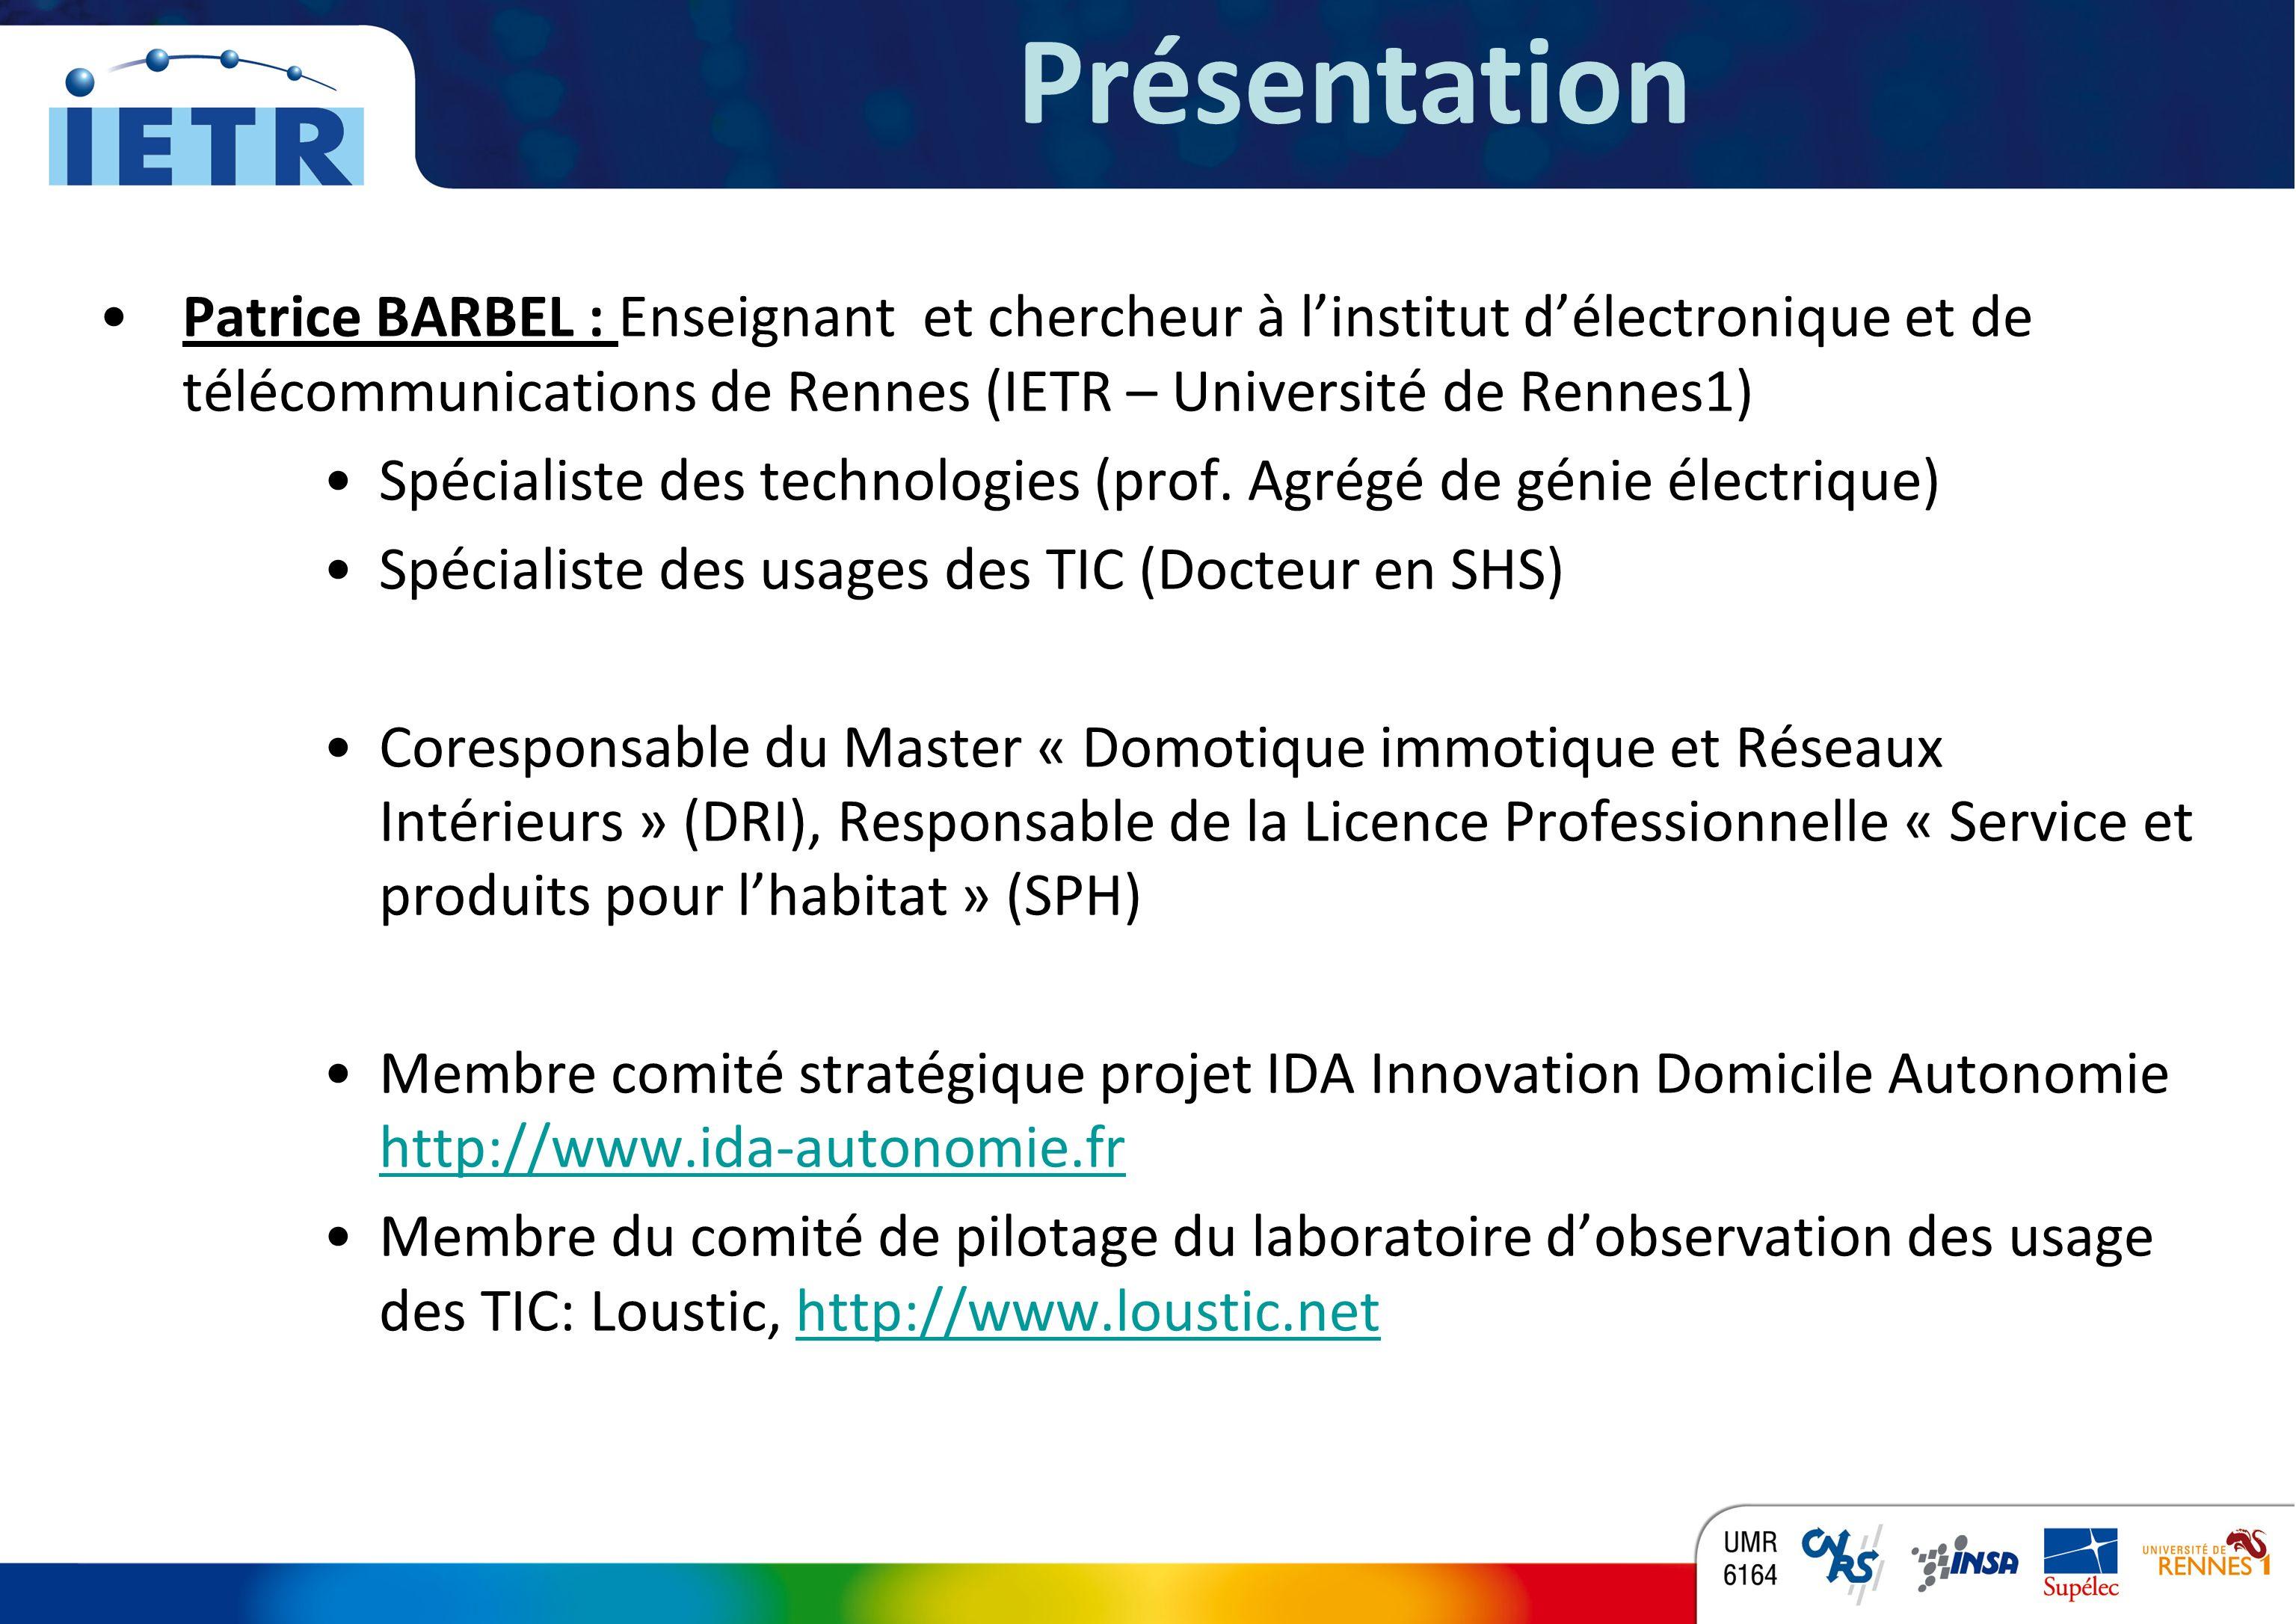 Présentation Annonce du Plan de cette présentation = comment s'articule le document réalisé.